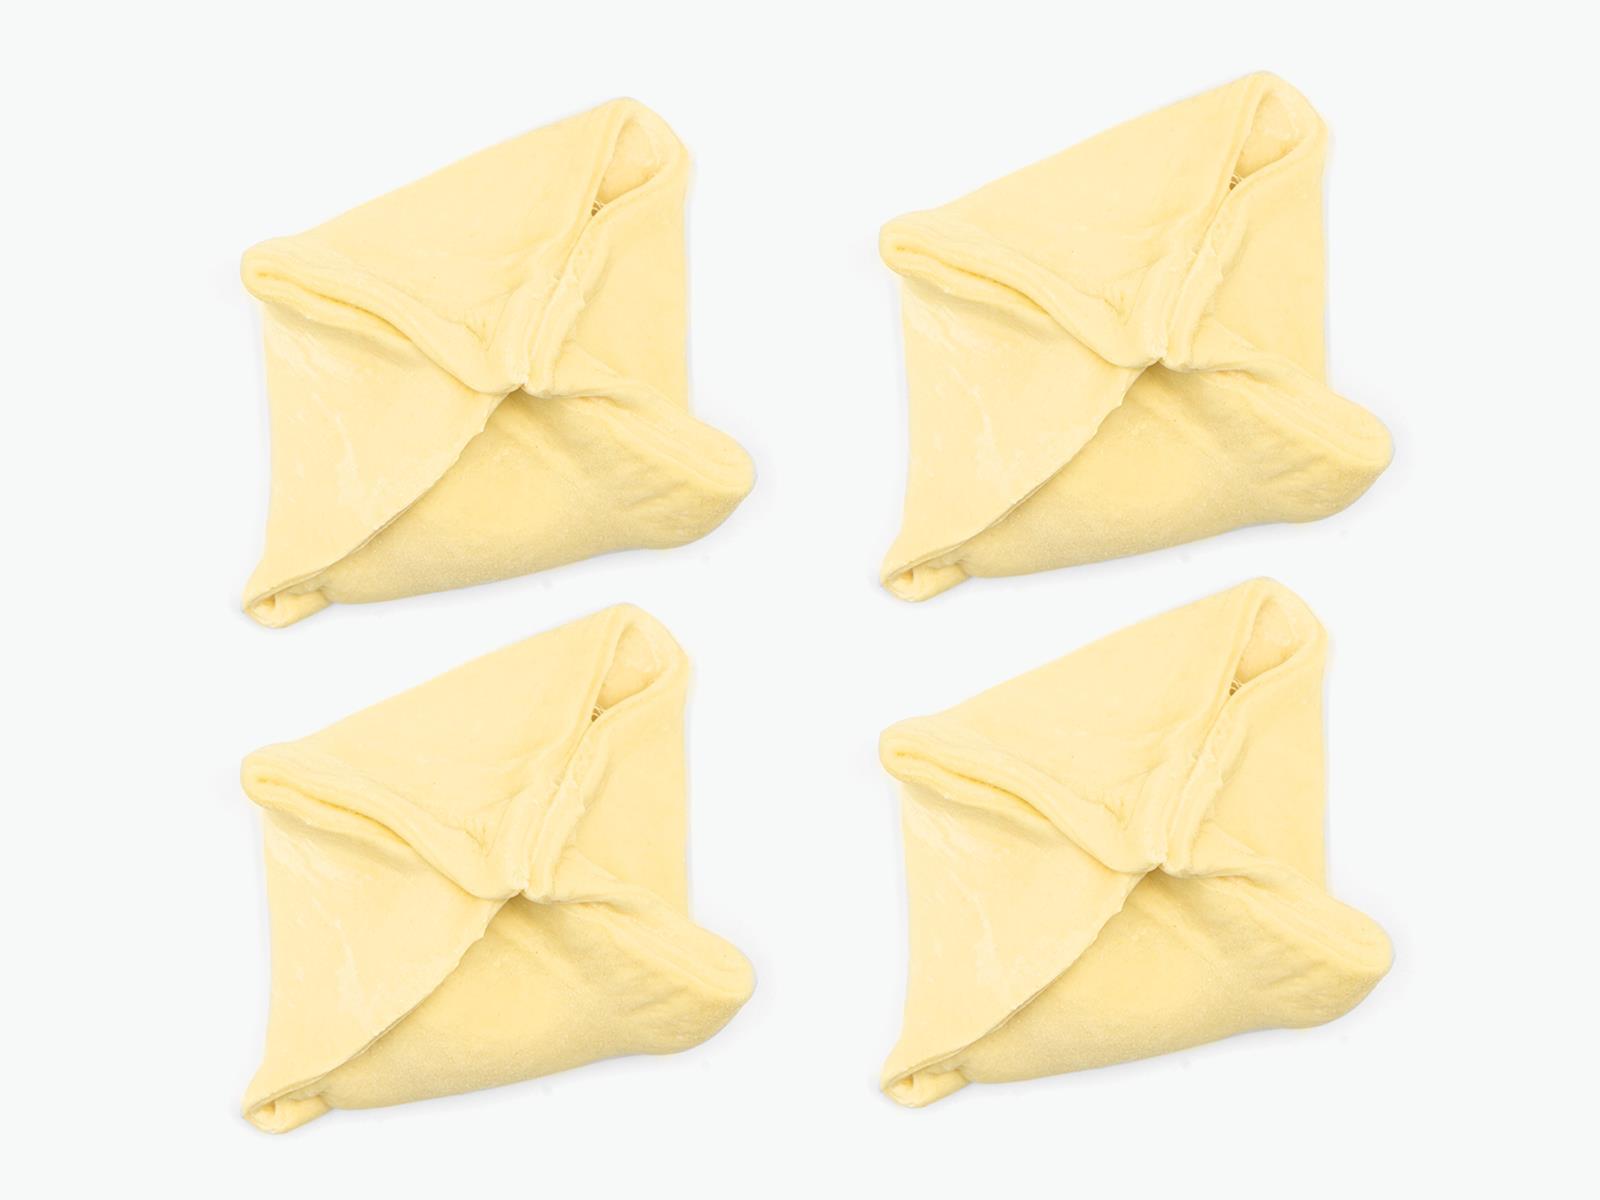 Турнель с сыром и ветчиной зам (4 шт) 560 г